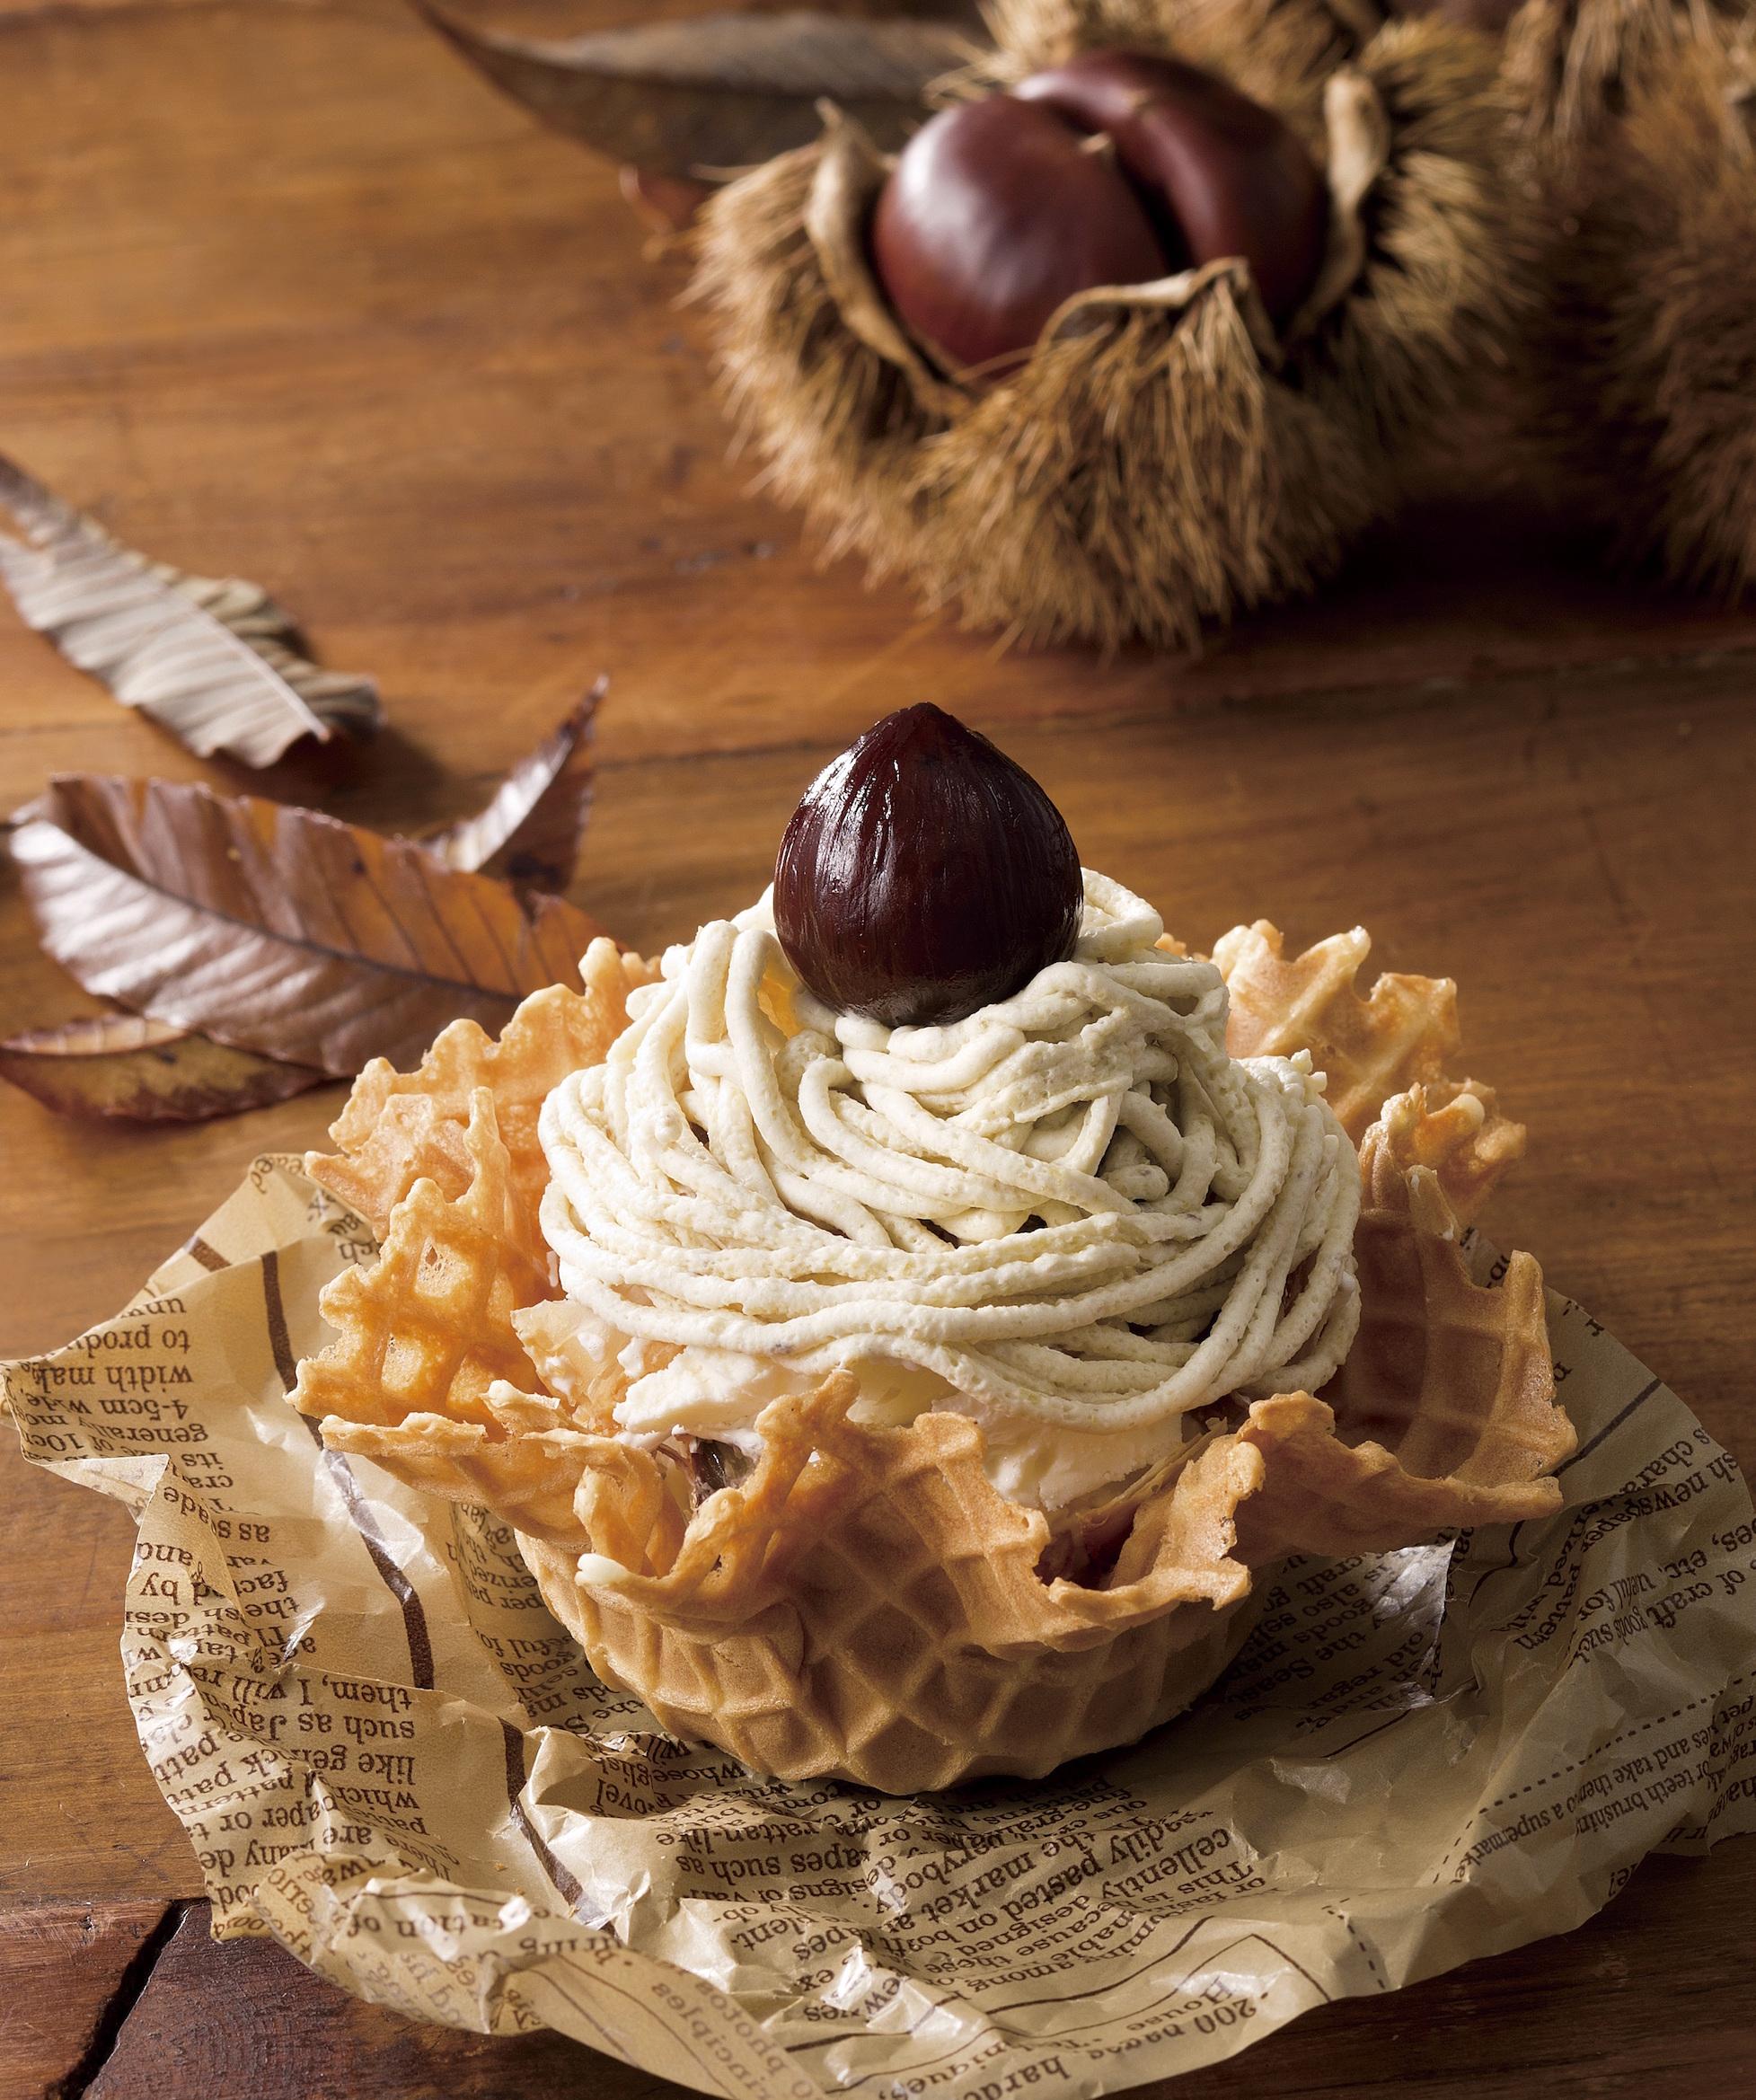 『コールド・ストーン・クリーマリー』のデコレーションアイスクリーム♡ モンブランとパンプキンパイどっちにする?_1